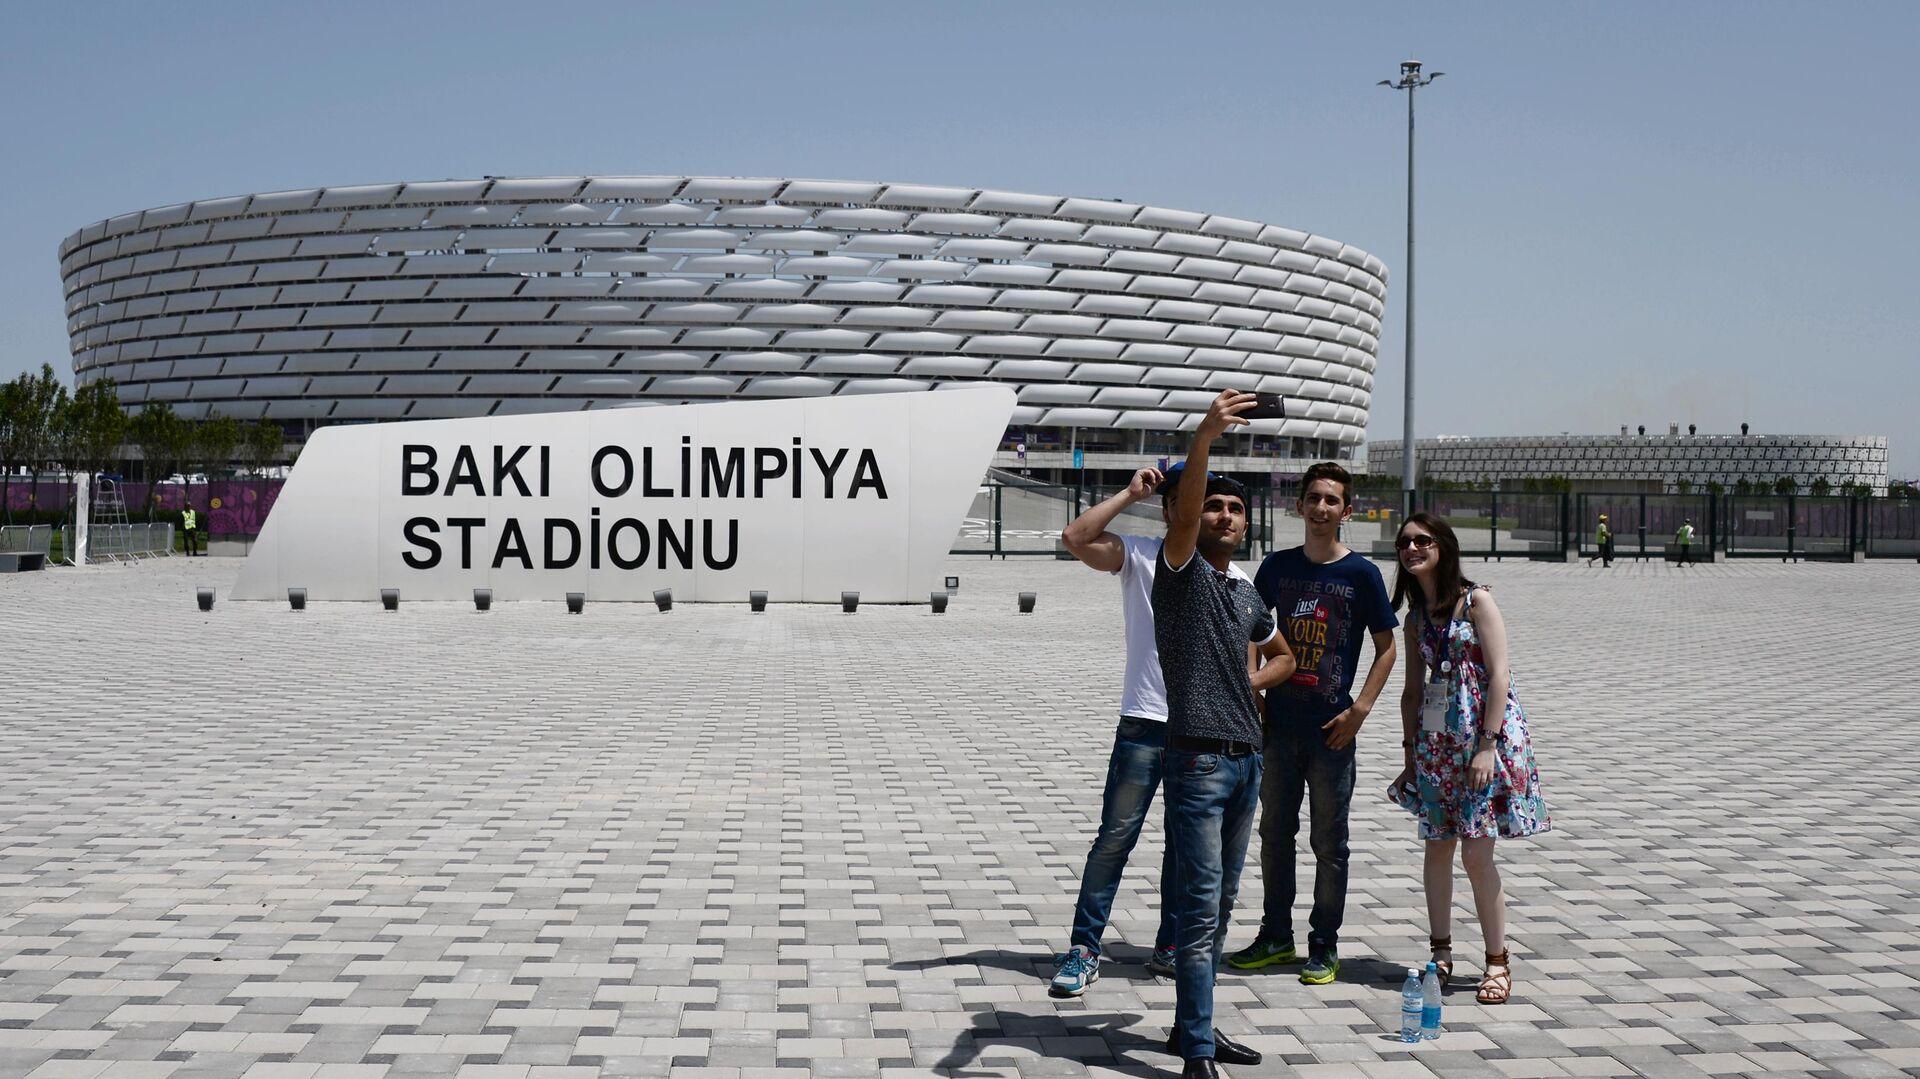 Олимпийский стадион в Баку - РИА Новости, 1920, 08.04.2021